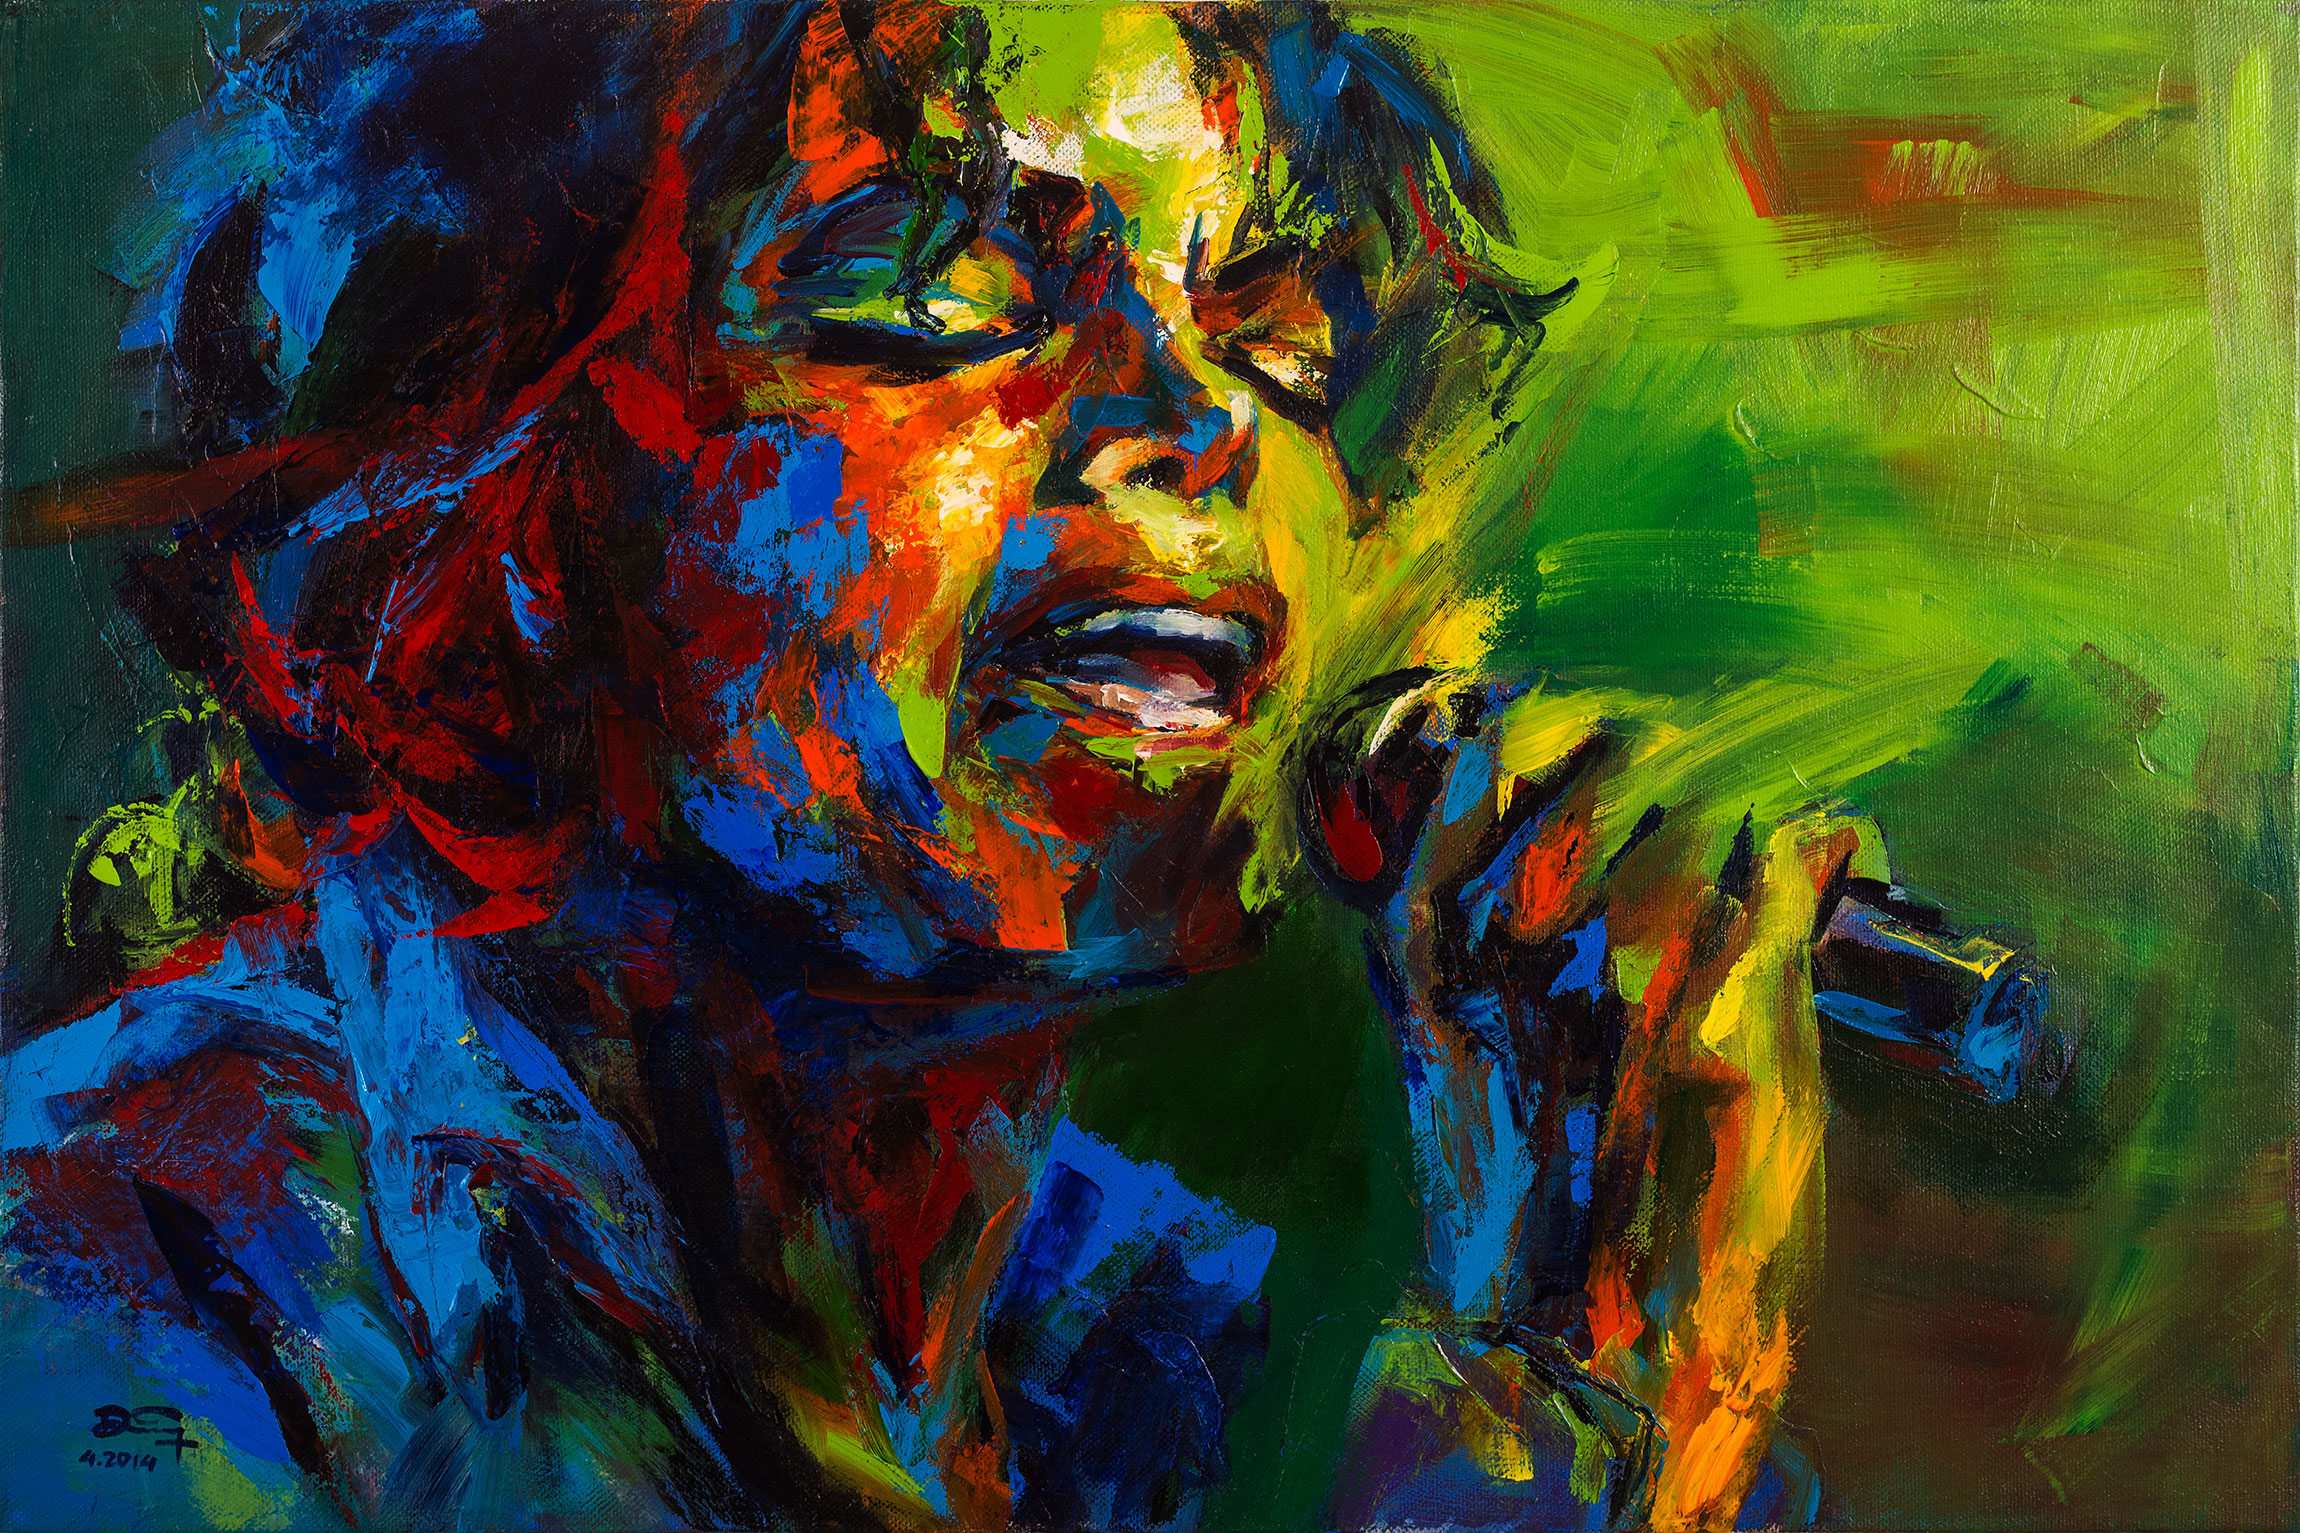 Michael Modo Artistico - Pagina 4 Mj12